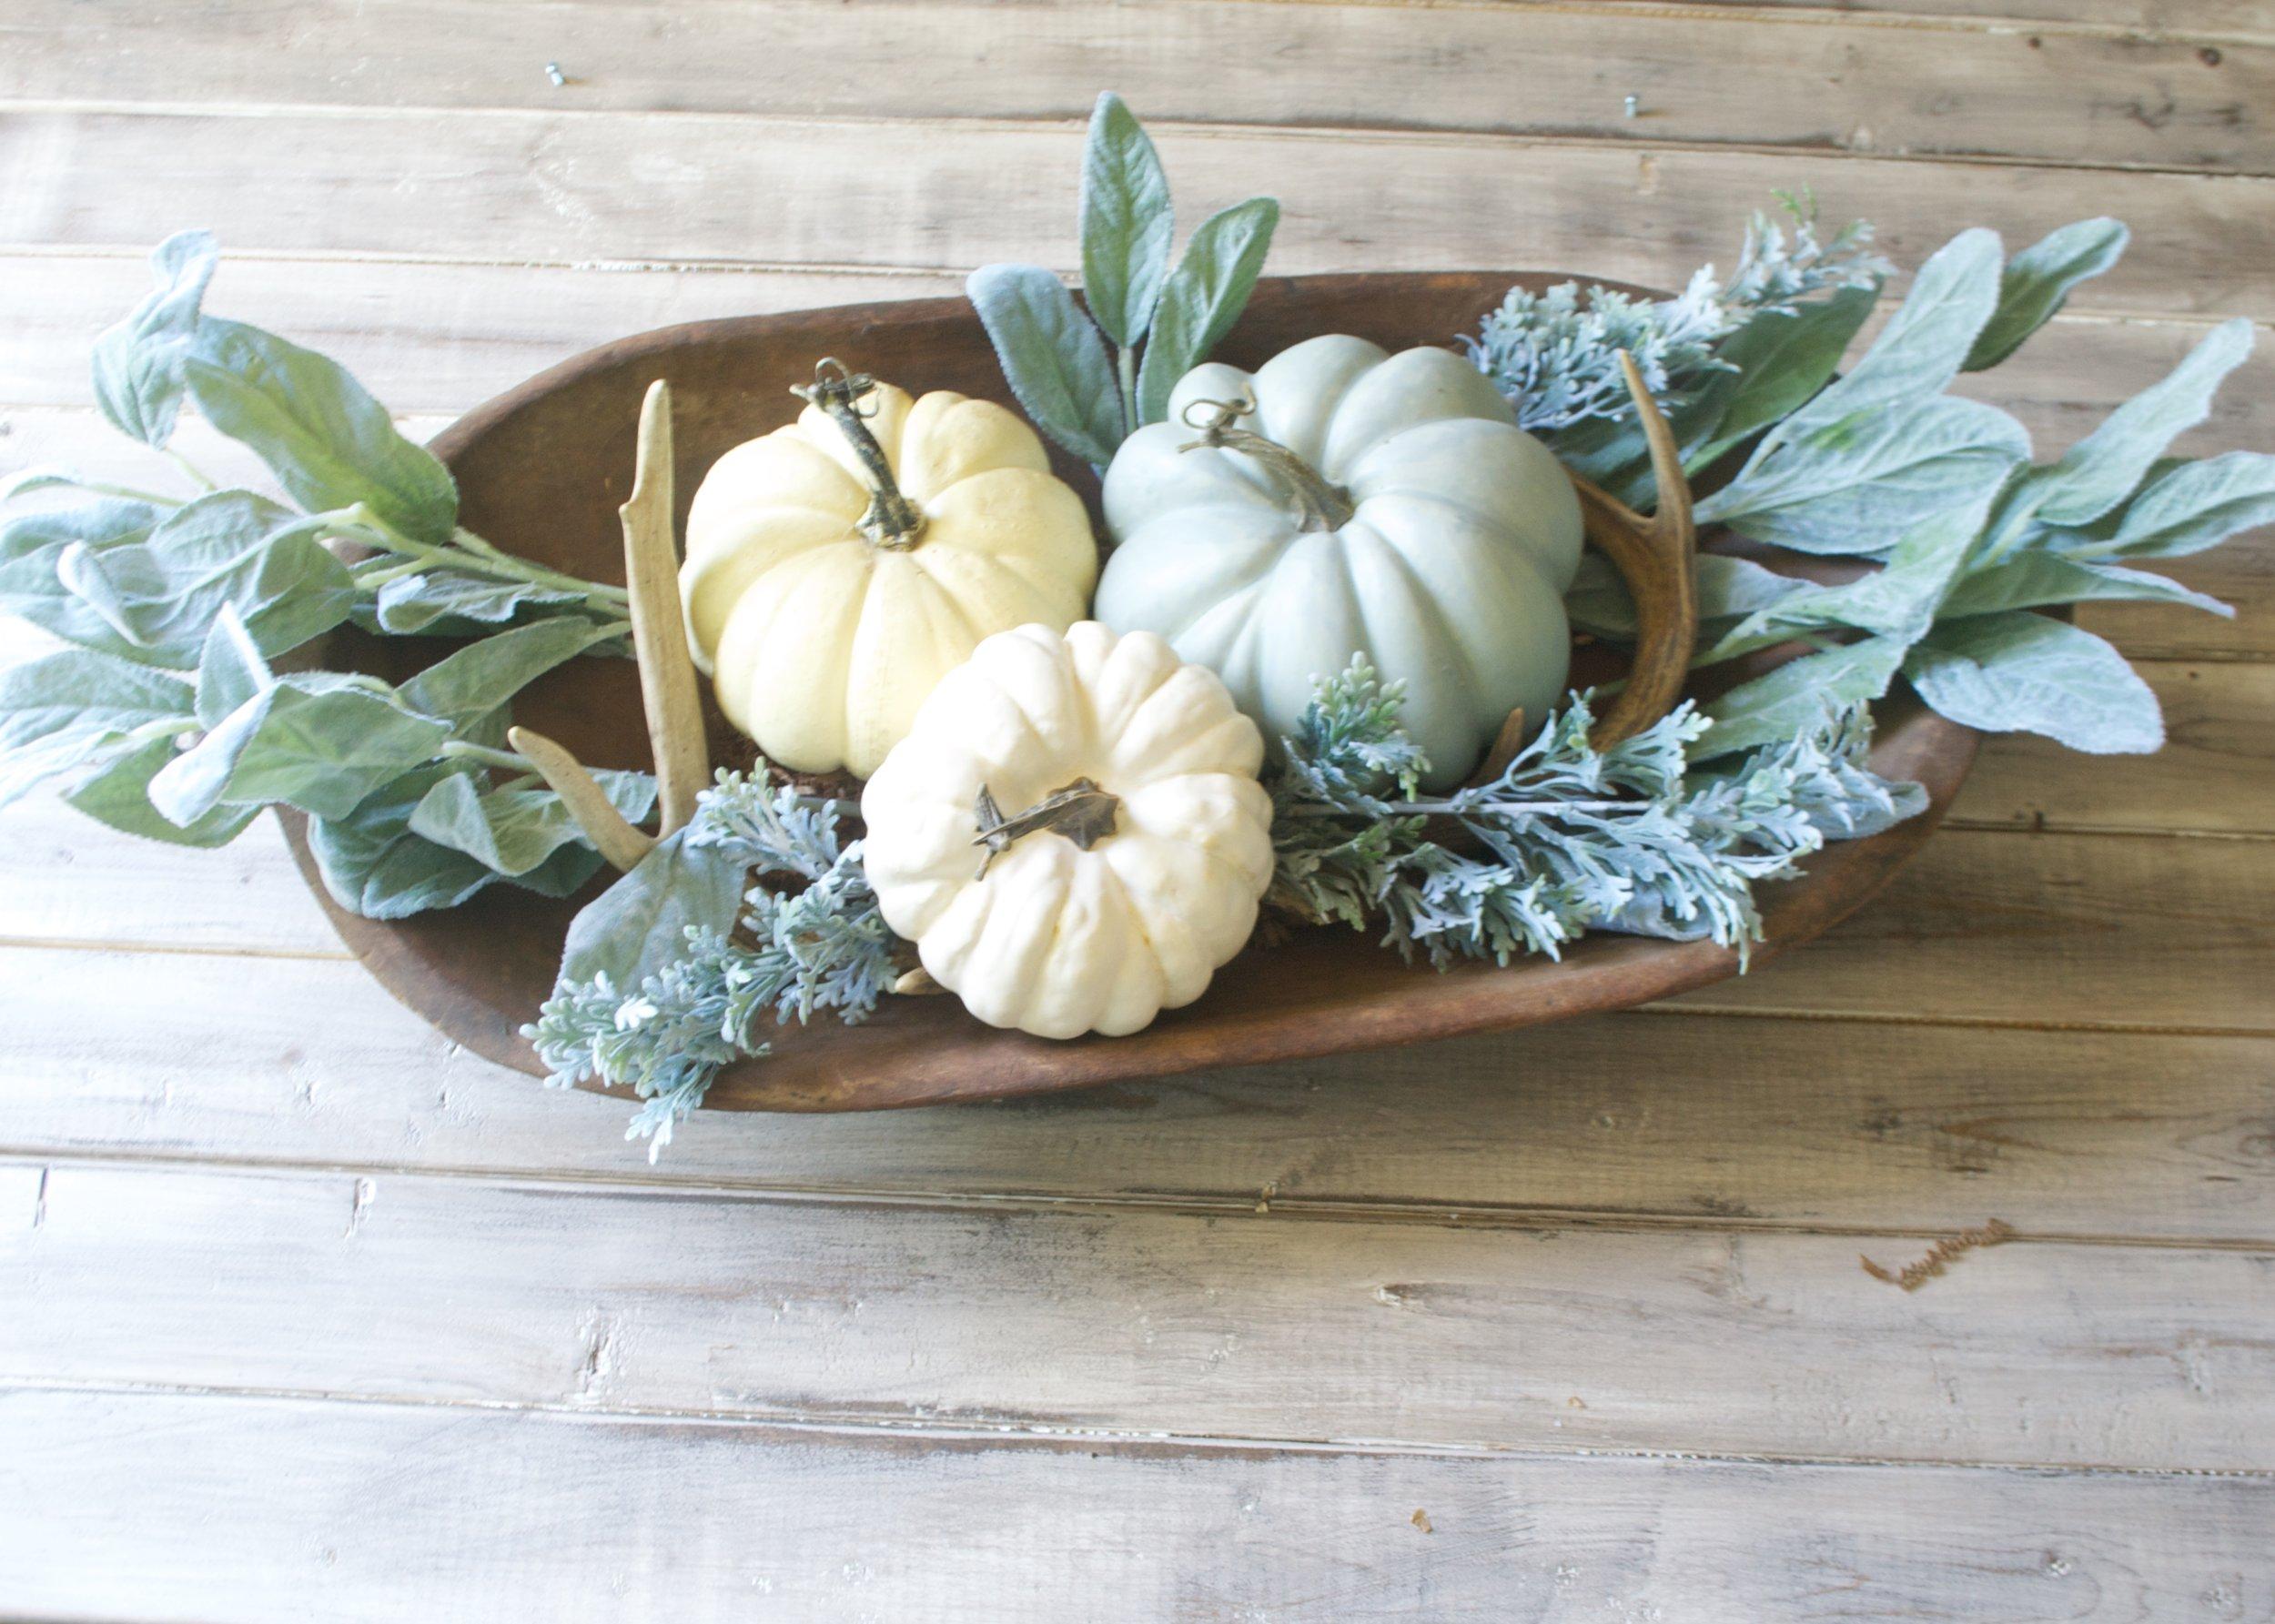 Neutral Fall Decor- Centerpiece in Dough Bowl